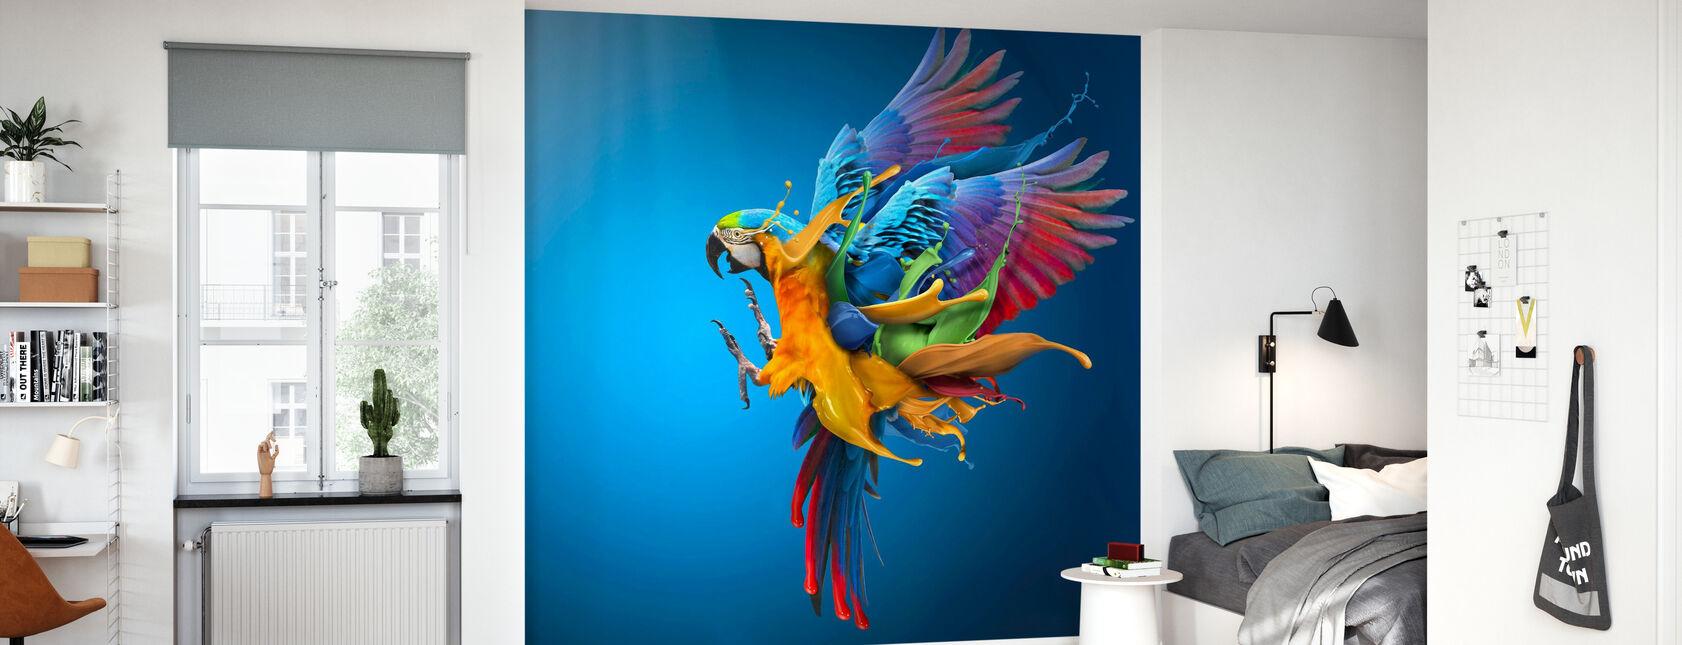 Vliegende kleuren - Behang - Kinderkamer